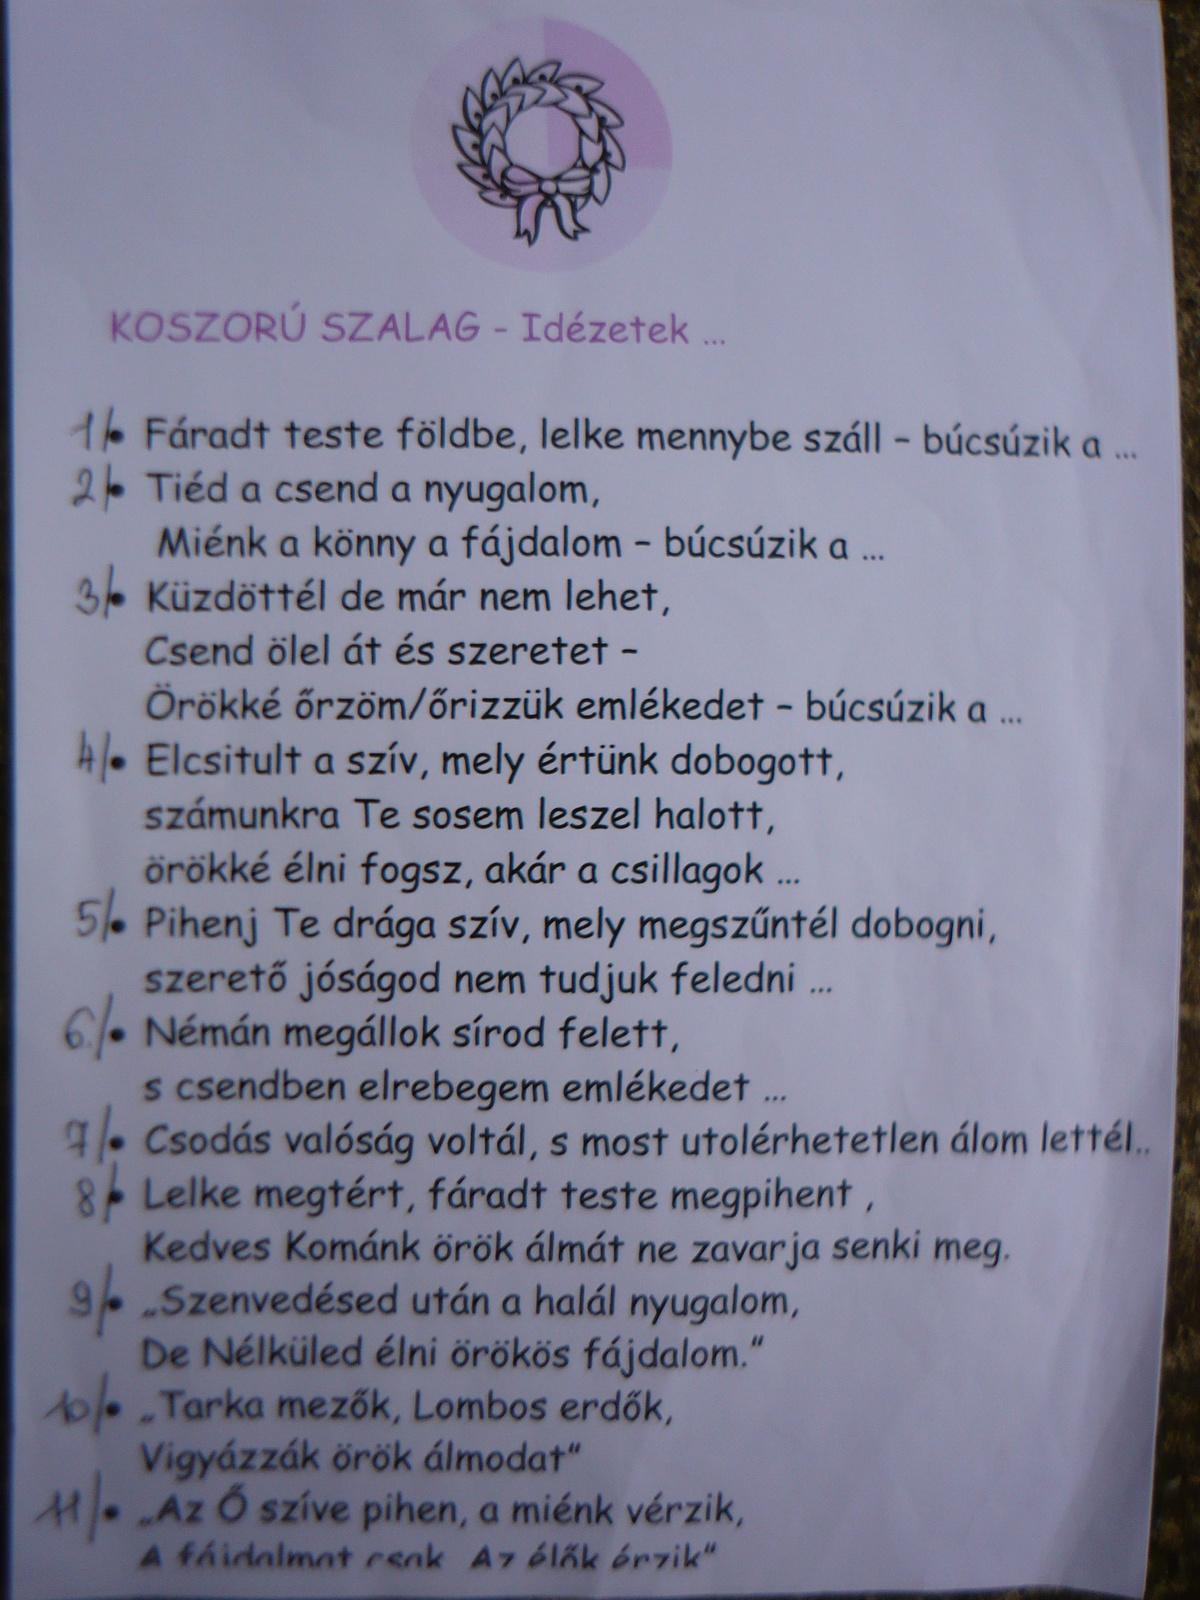 idézetek halotti koszorúra Koszorú szalag  IDÉZETEK I.    Jusztina   indafoto.hu